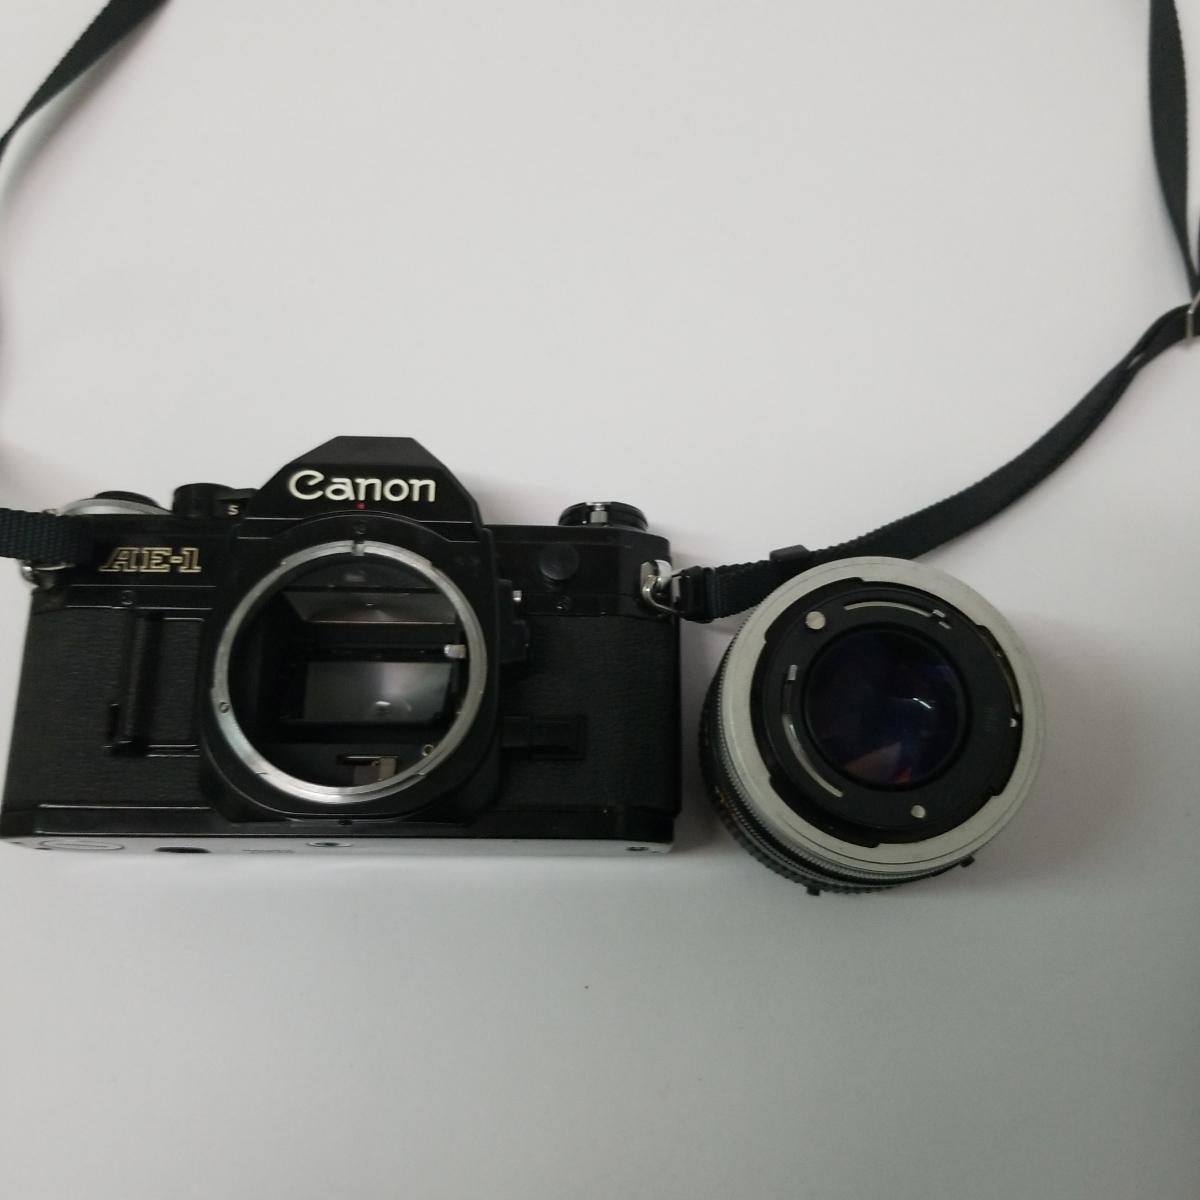 キヤノン Canon AE-1 一眼レフカメラ LENS 50mm 1:1.4 S.S.C. キャノン CANON ズームレンズ FD 100-200mm 1:5.6 S.C_画像3